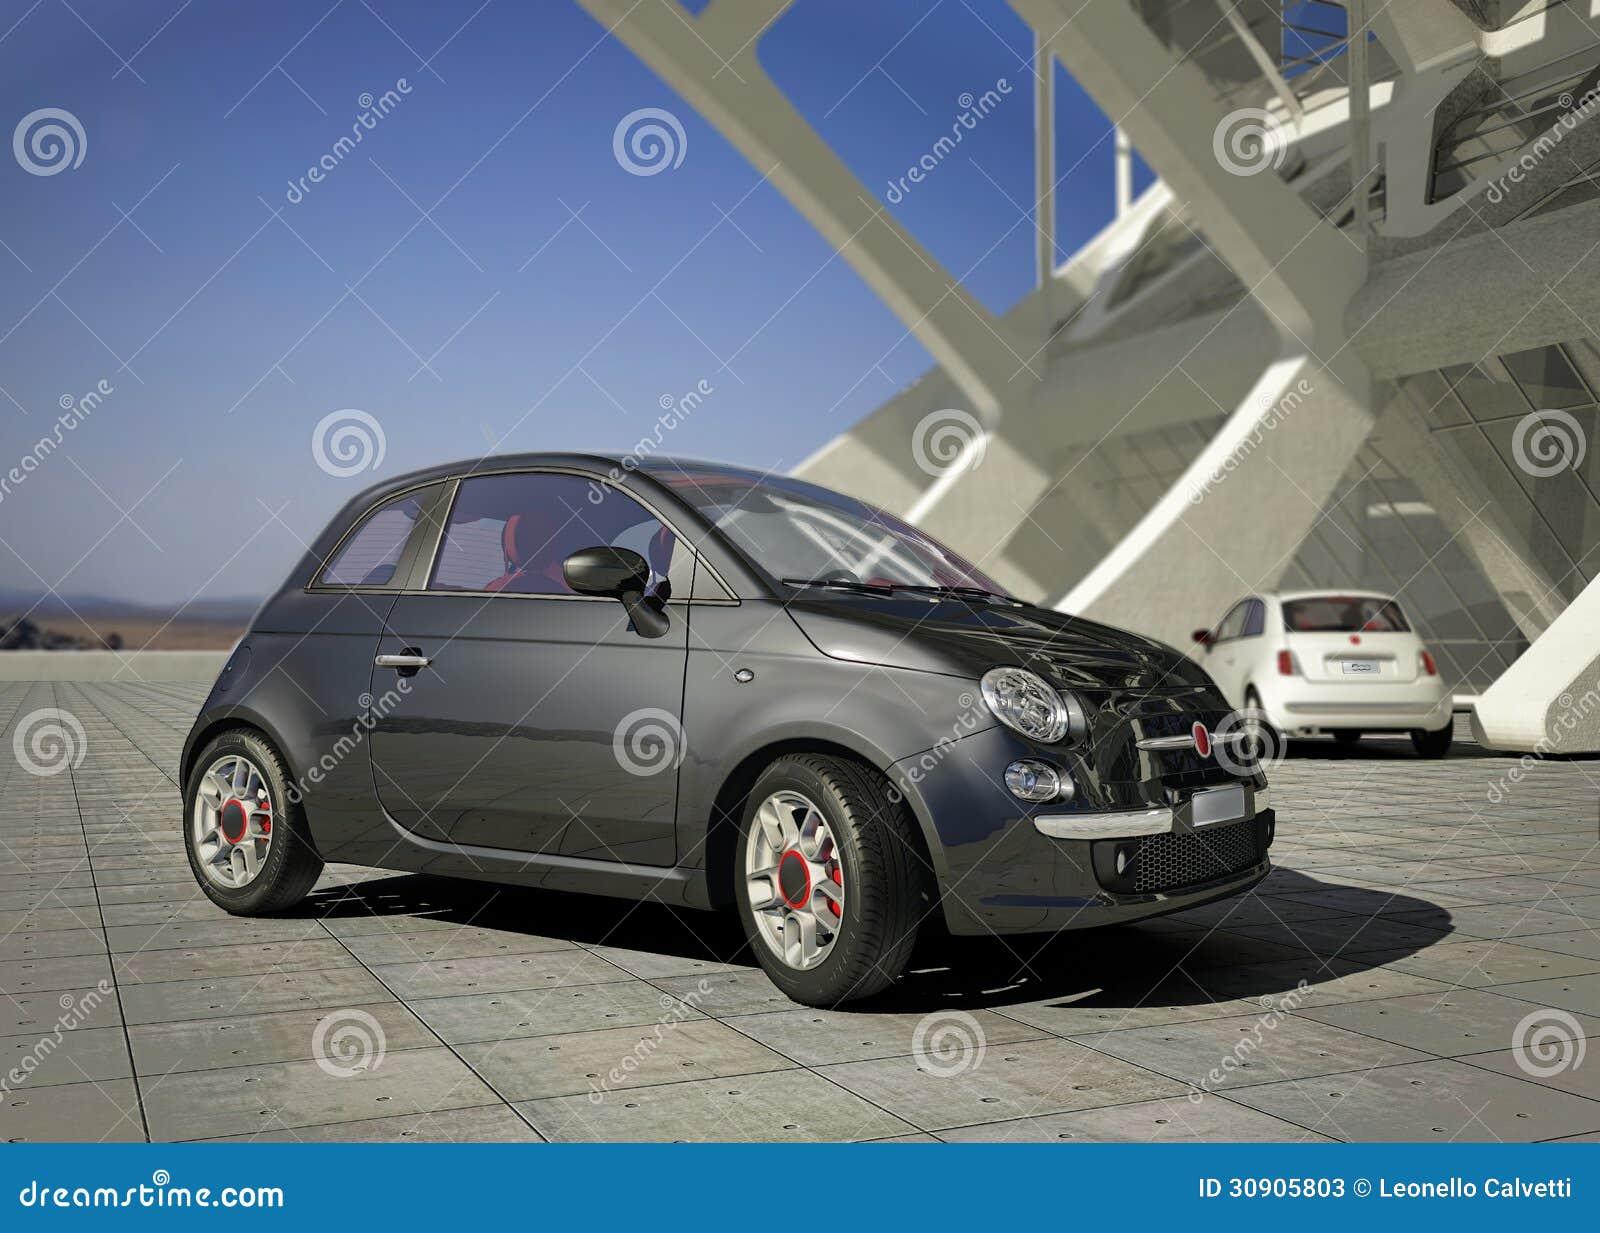 Carro da cidade de Fiat 500, fora do ambiente moderno da construção industrial.